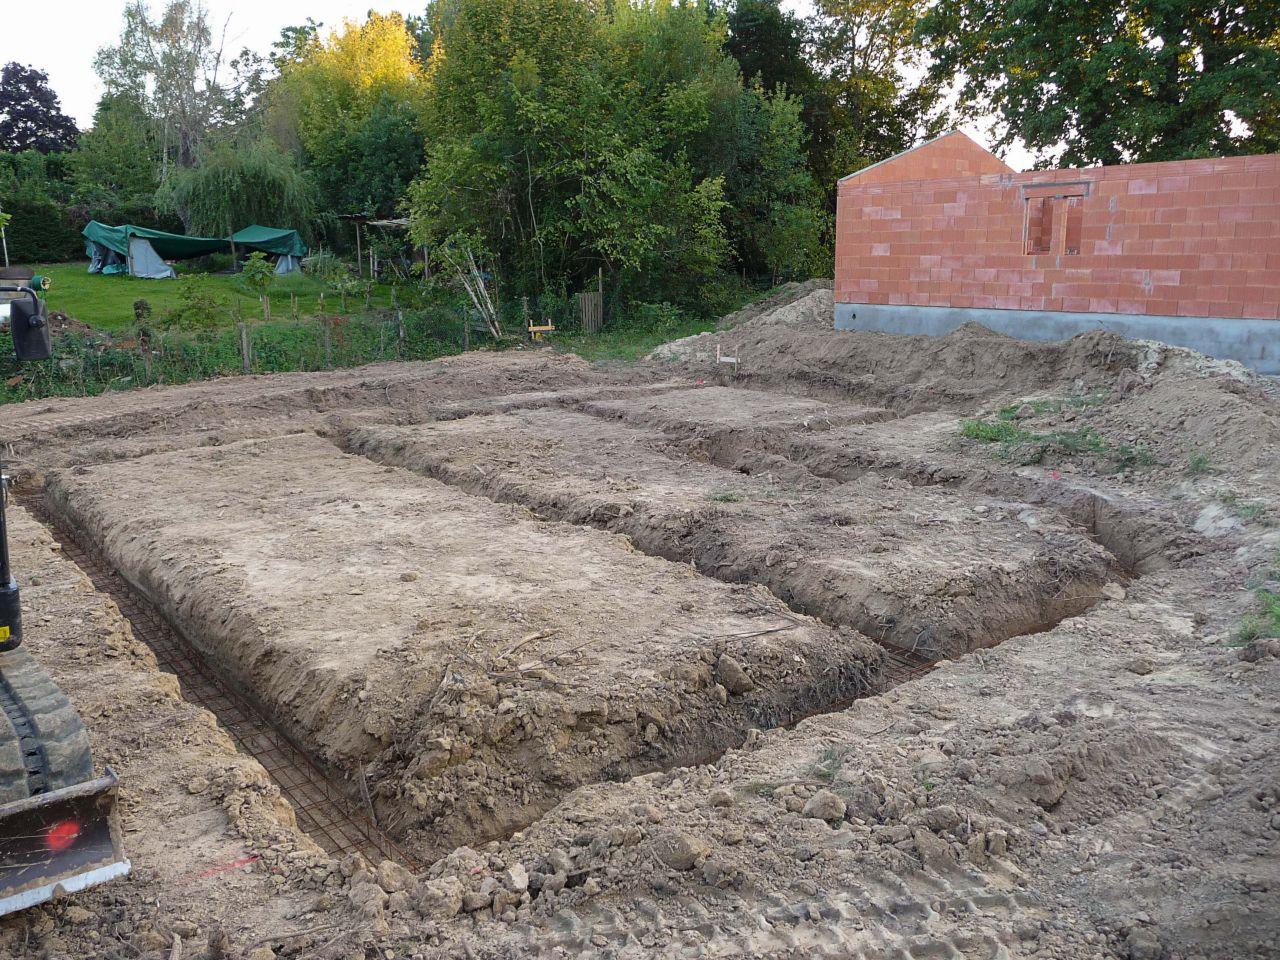 Creusement des fondations, le conducteur de la pelleteuse est pro, il a réparti proprement les terres d'extraction